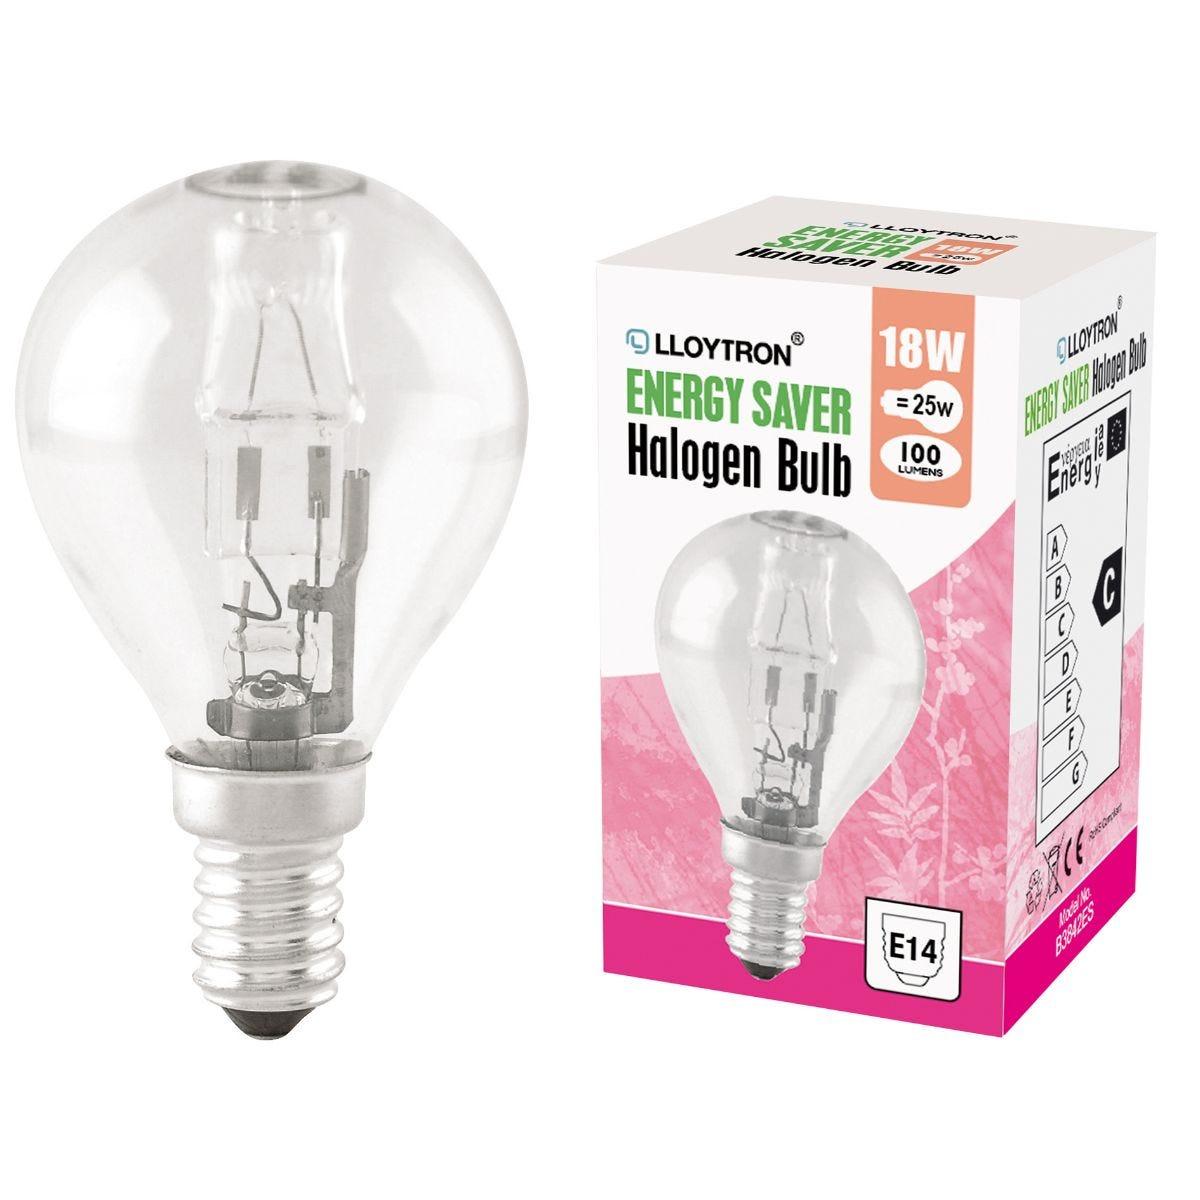 Halogen Incandescent Bulb E14 18W